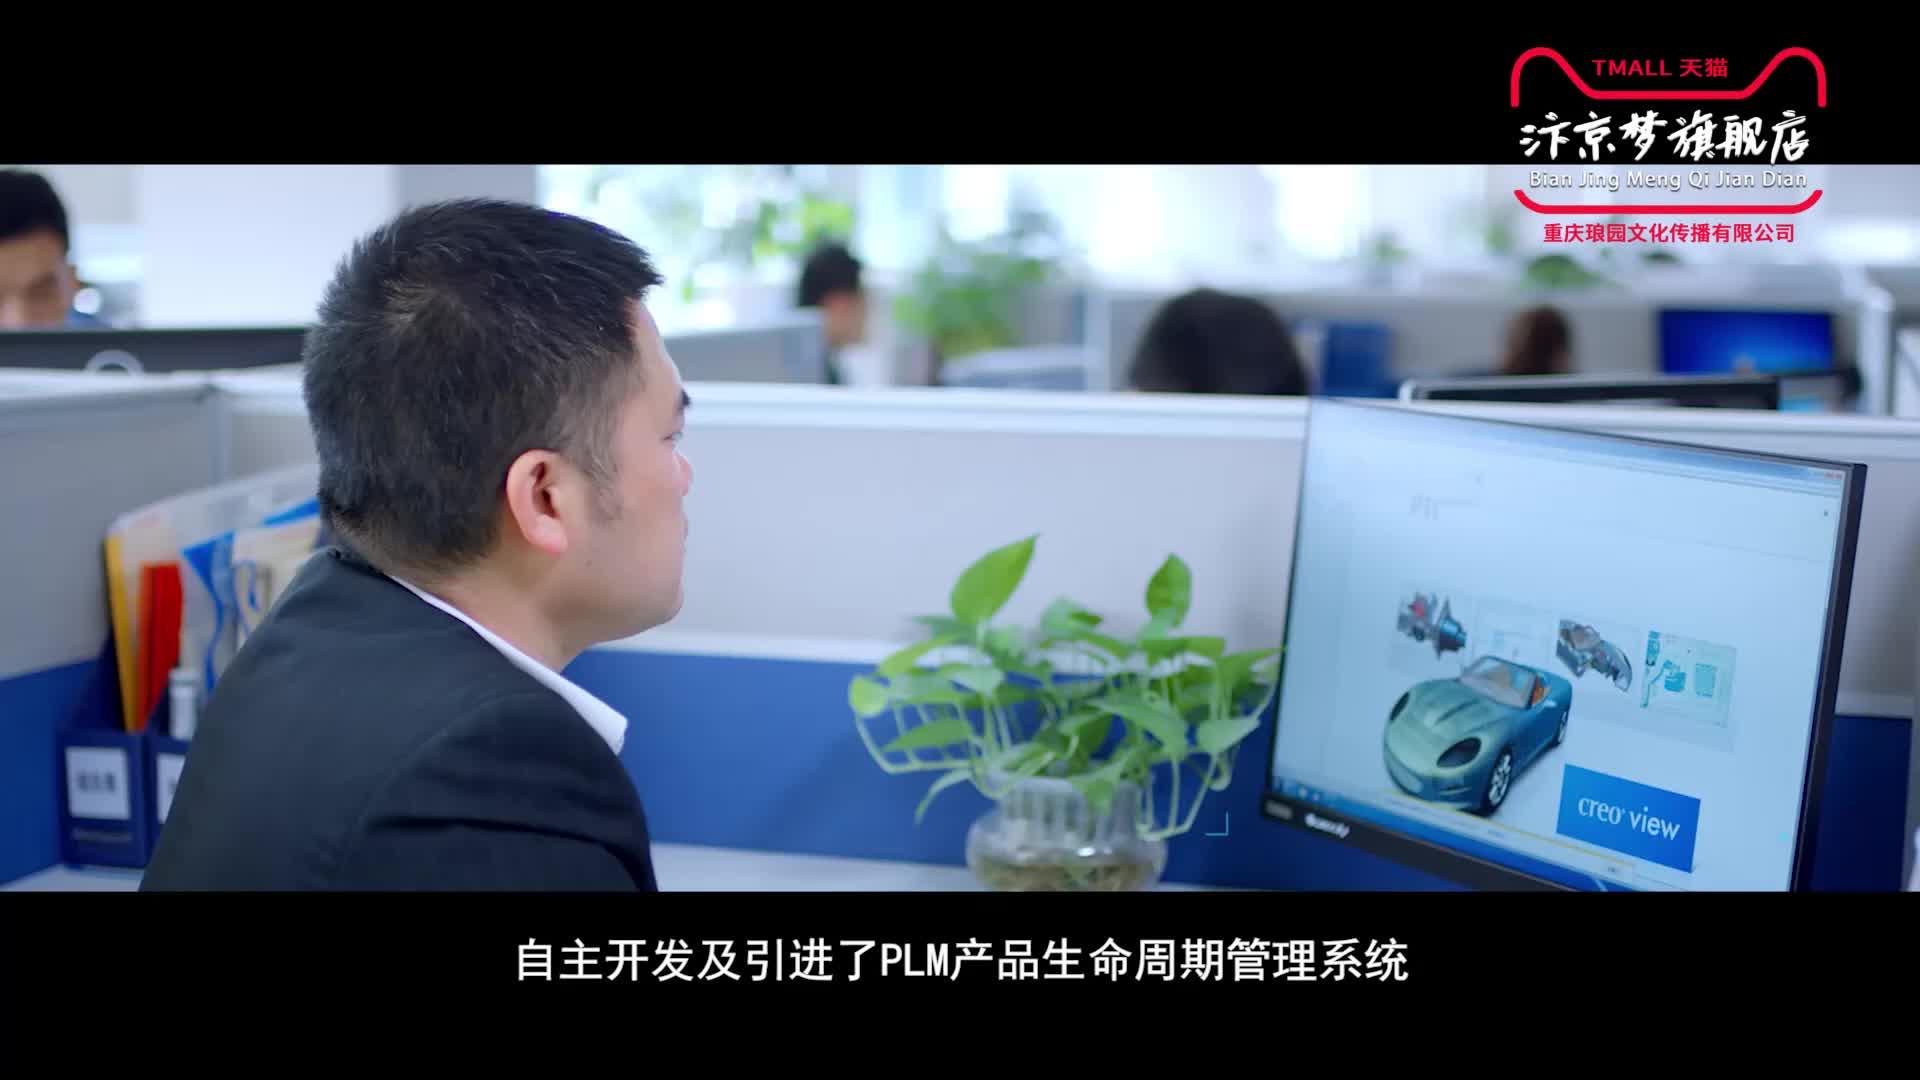 珠海凌达压缩机-企业宣传片